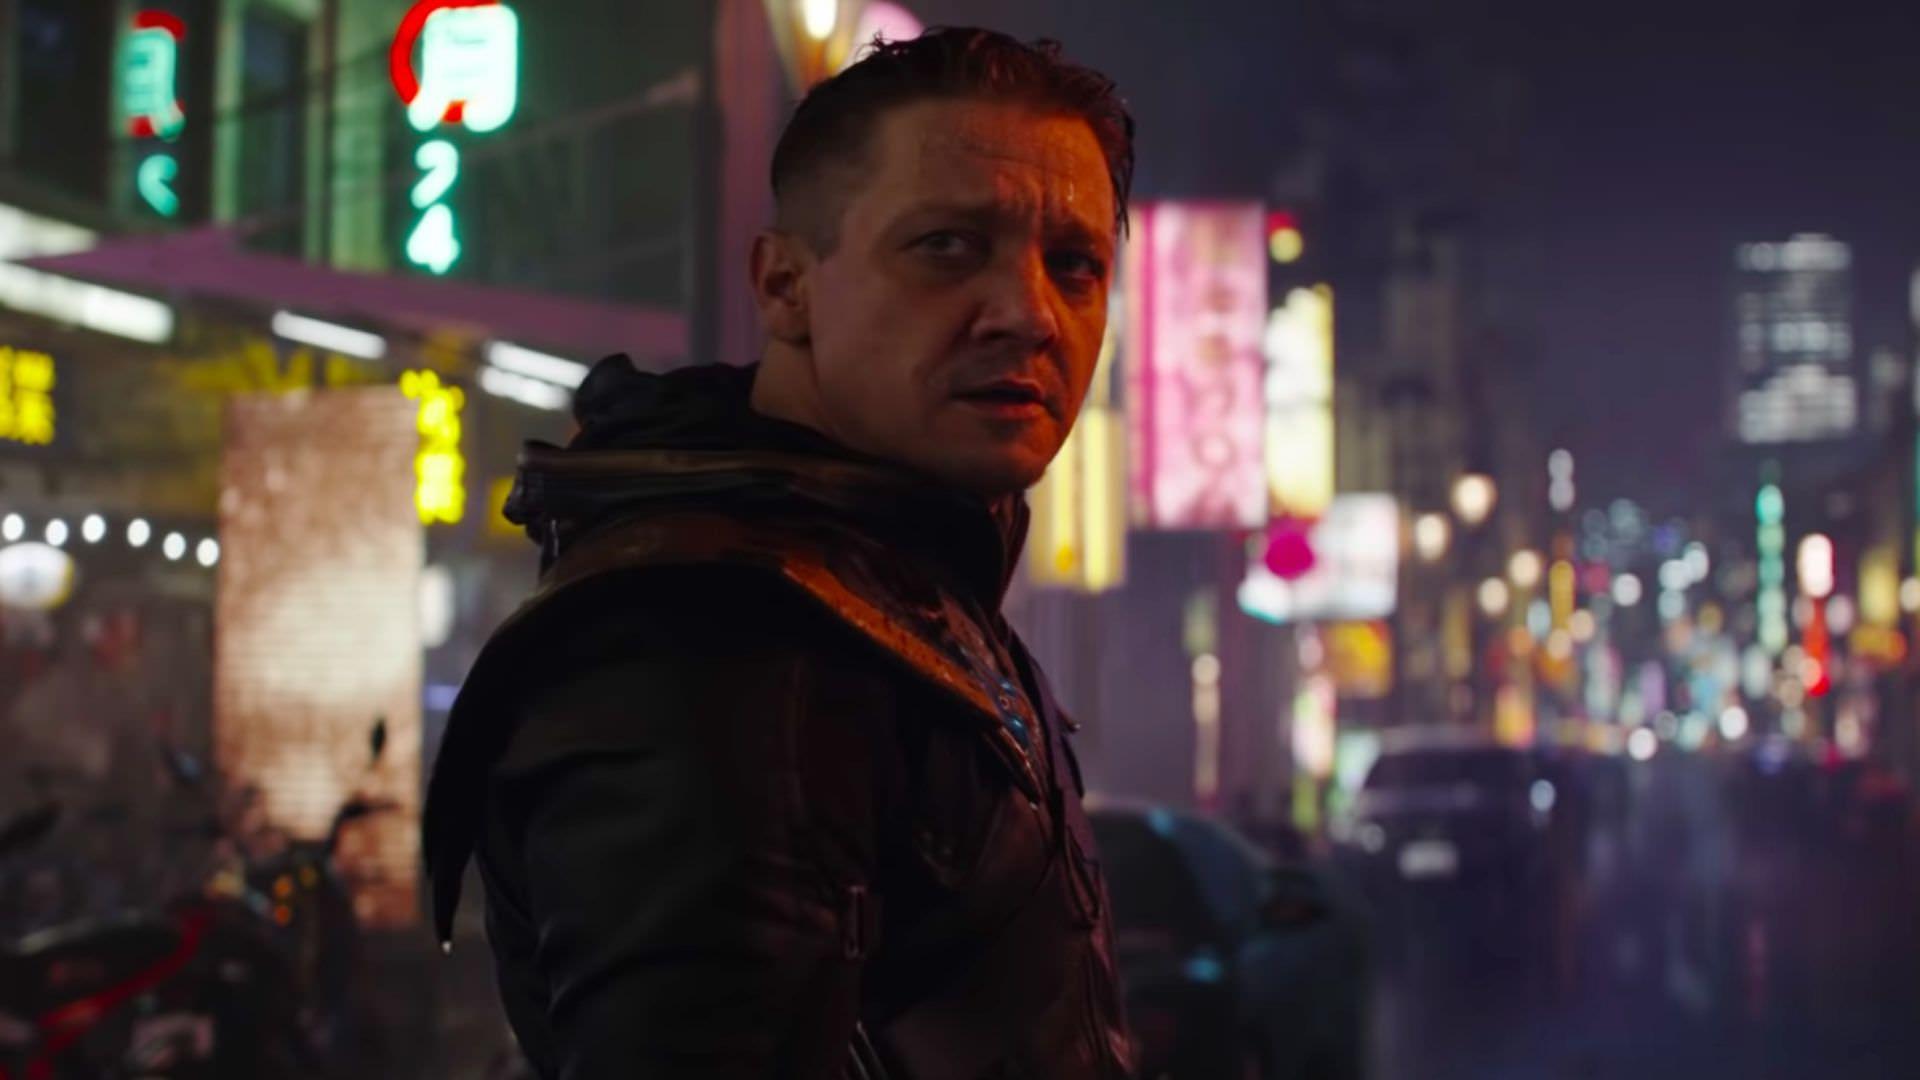 جرمی رنر تصویری از صورت آسیب دیده خود از پشت صحنه سریال Hawkeye را منتشر کرد 1